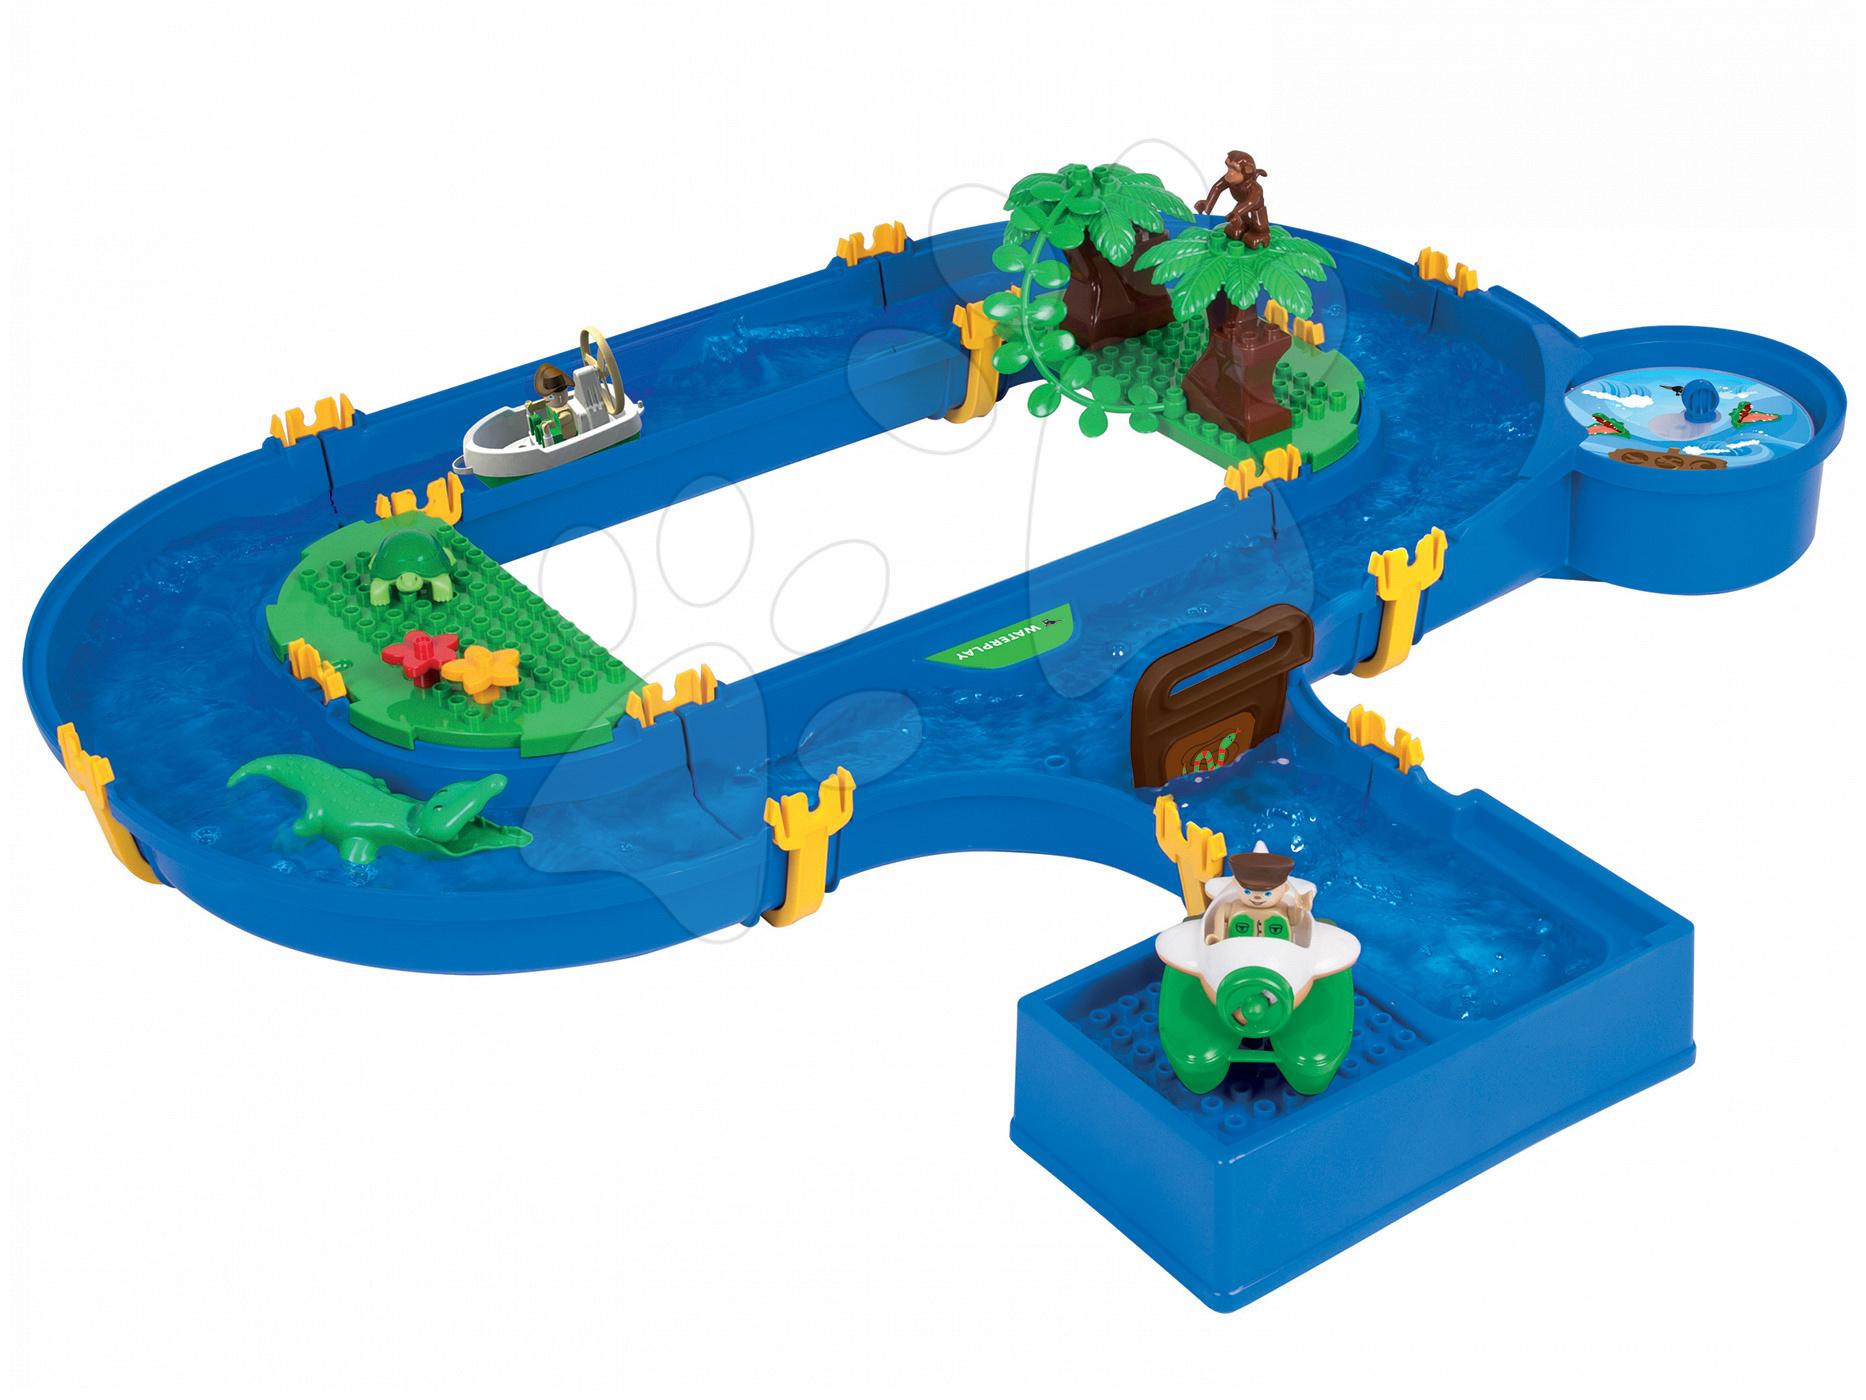 Vodne dráhy pre deti - Vodná hra Waterplay Jungle Adventure BIG skladacia s 5 figúrkami - 32 dielov